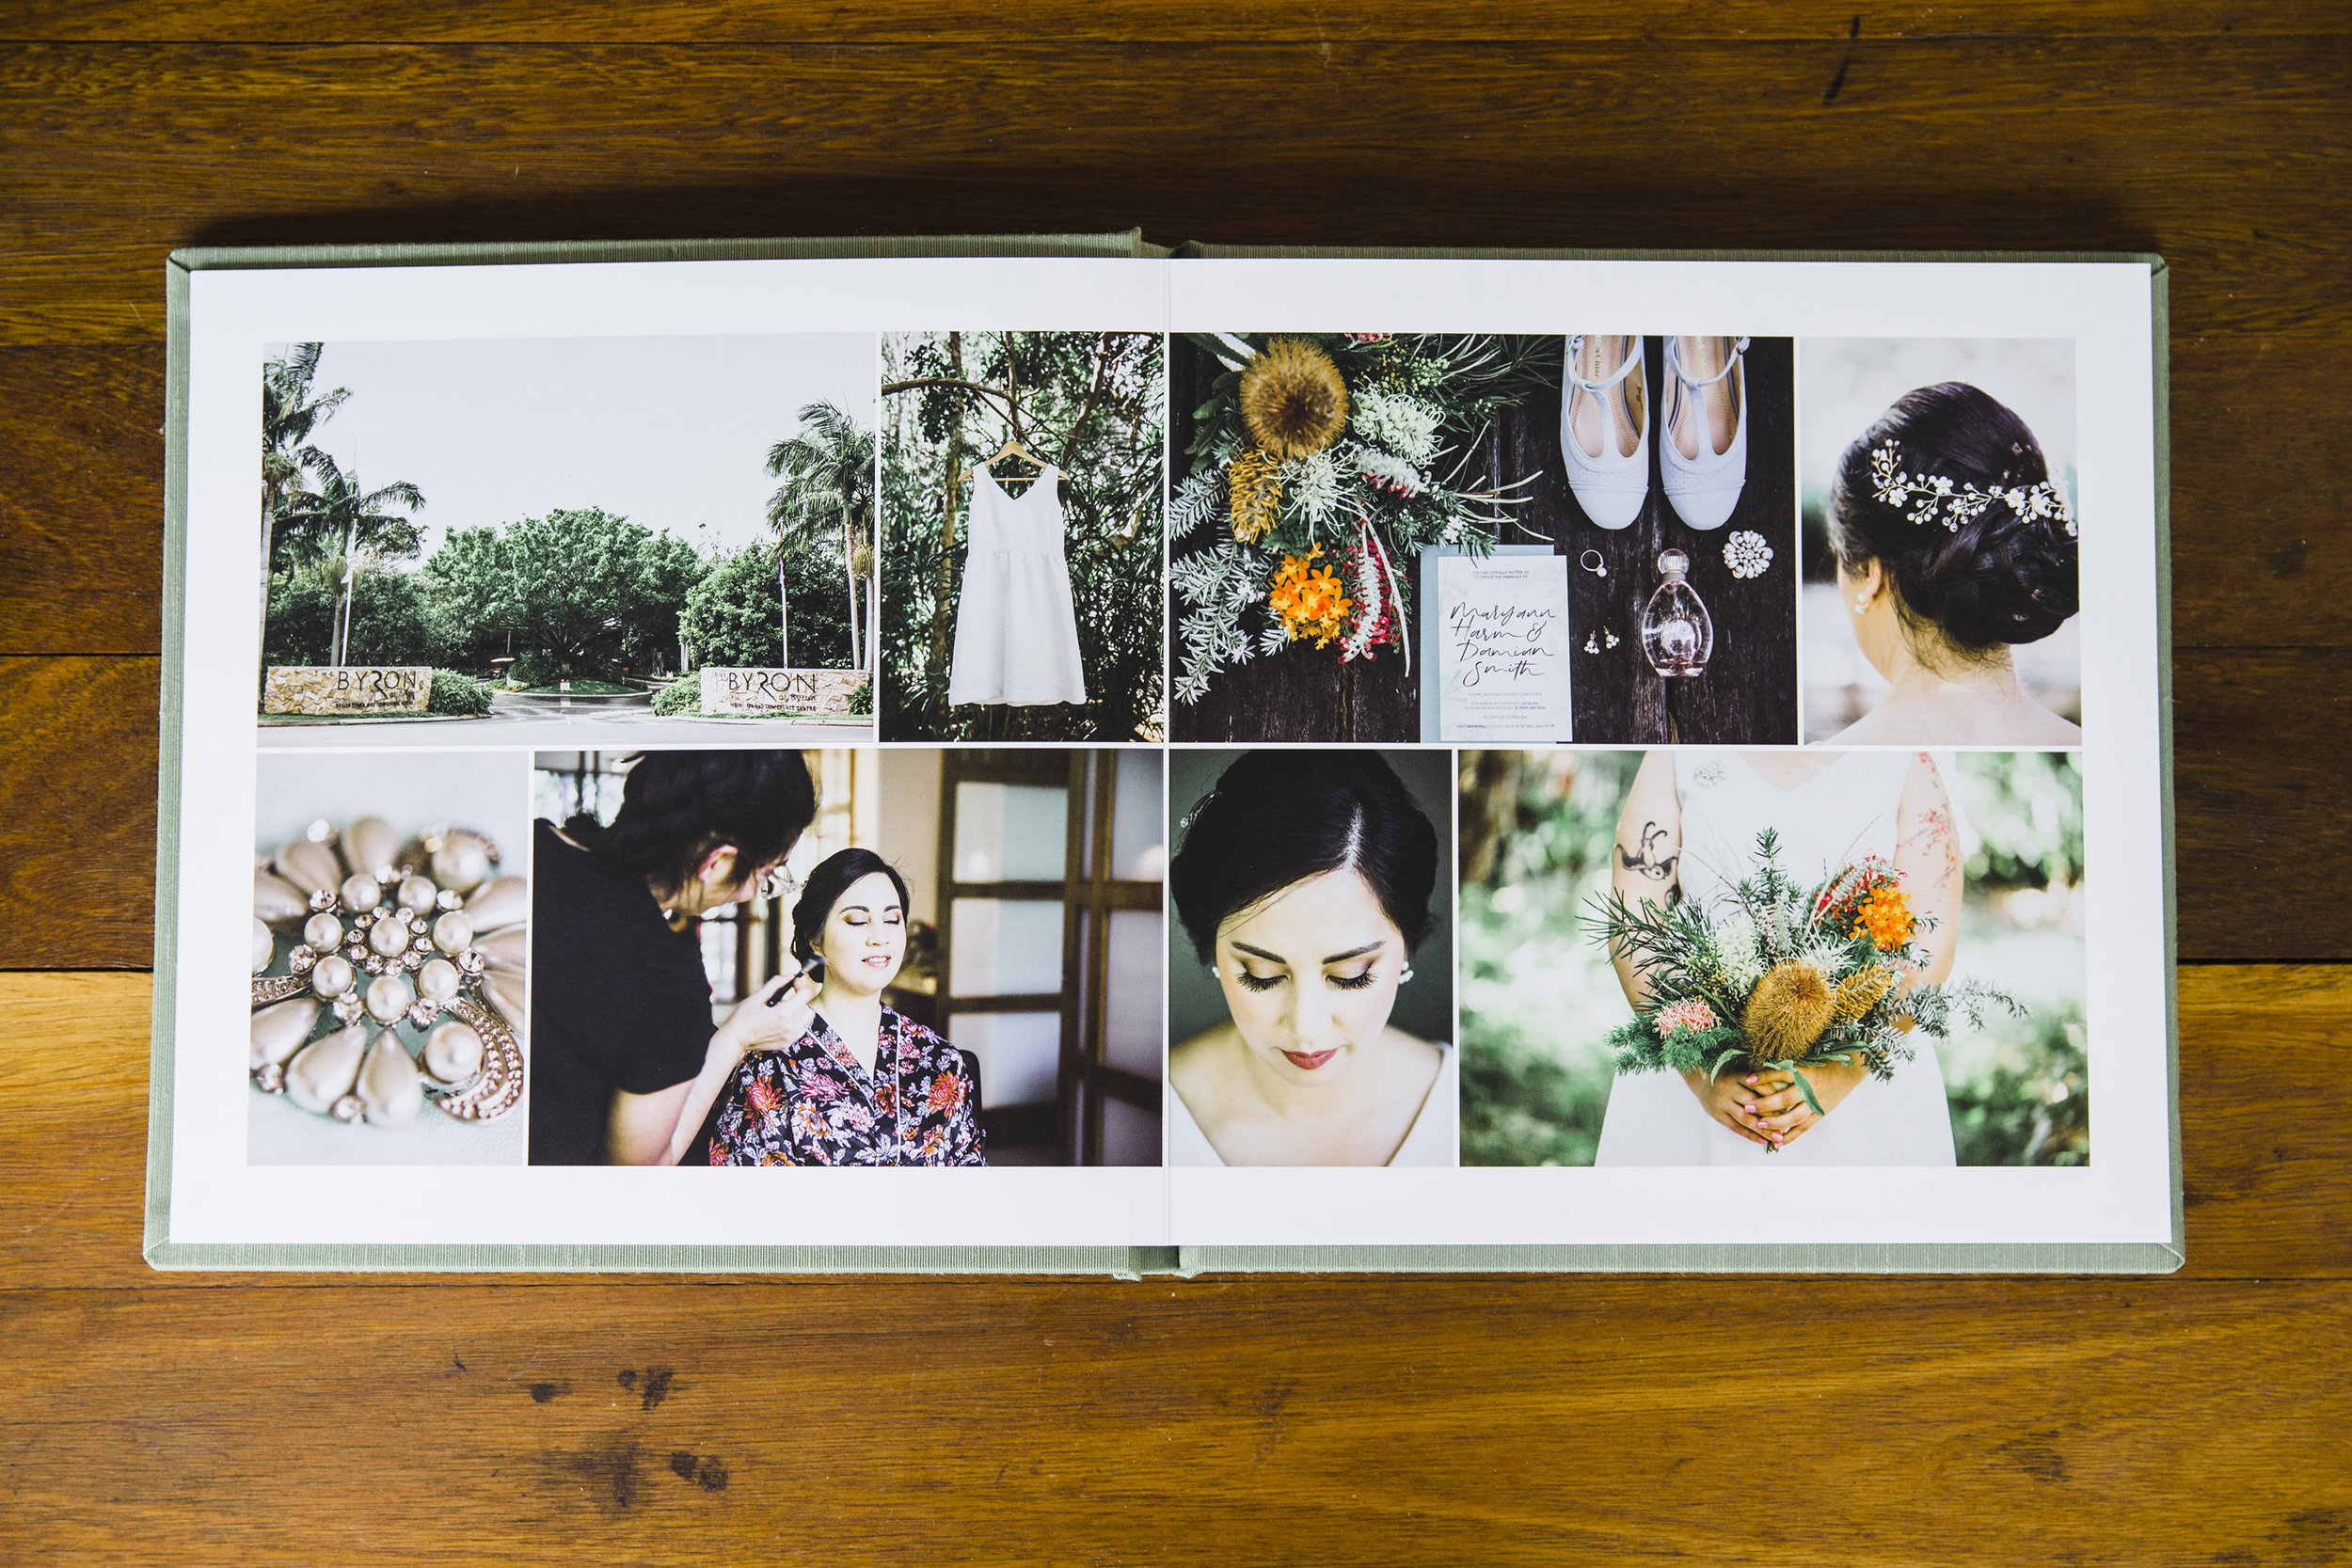 album-1-11.jpg